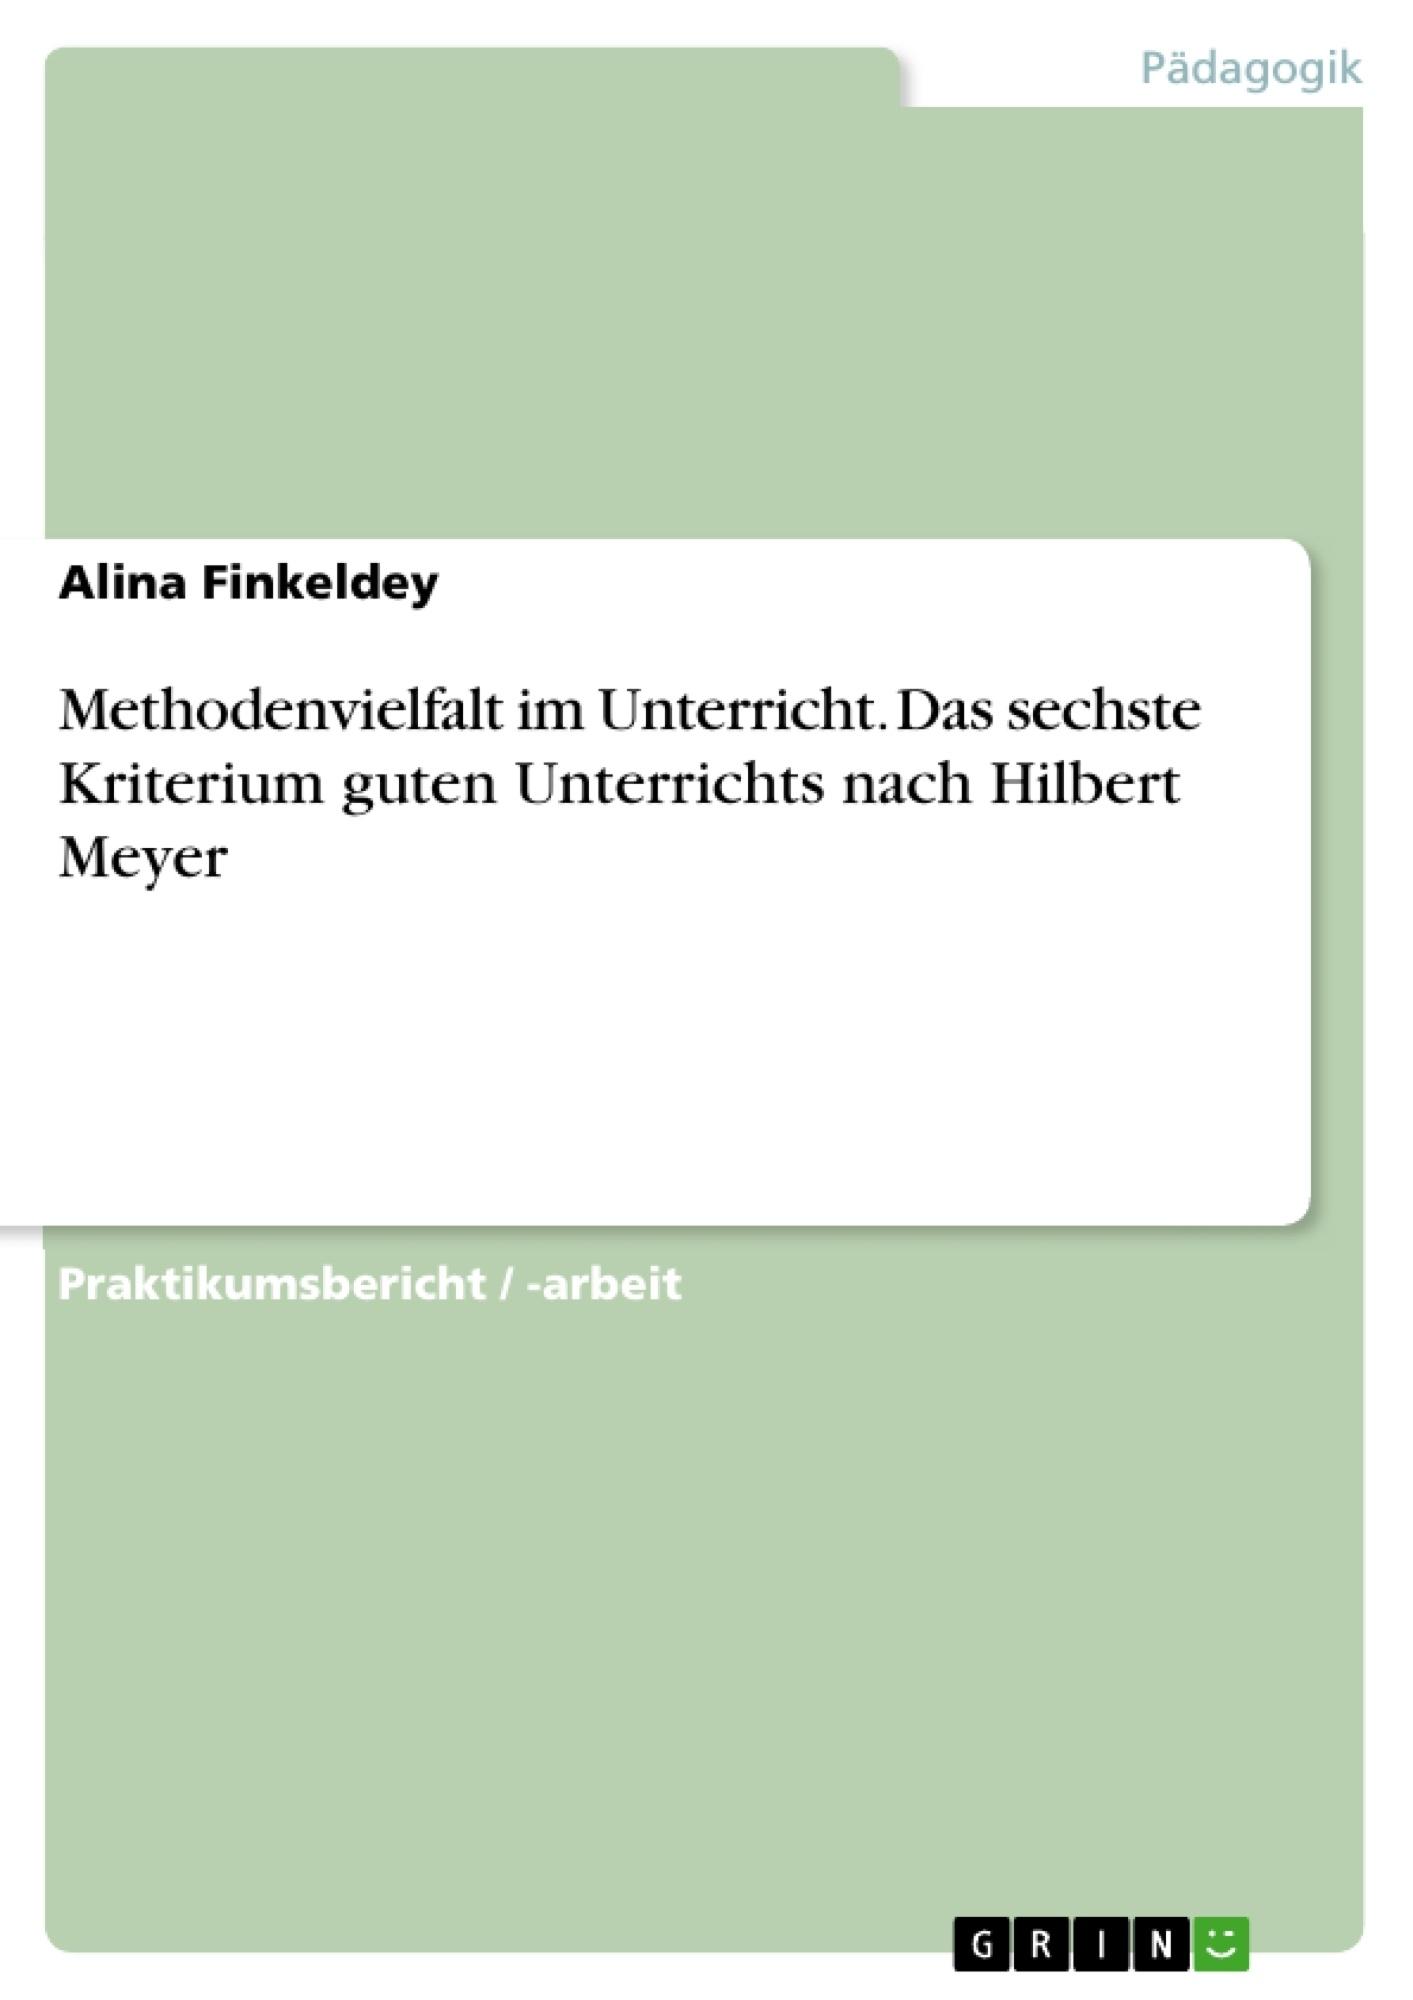 Titel: Methodenvielfalt im Unterricht. Das sechste Kriterium guten Unterrichts nach Hilbert Meyer